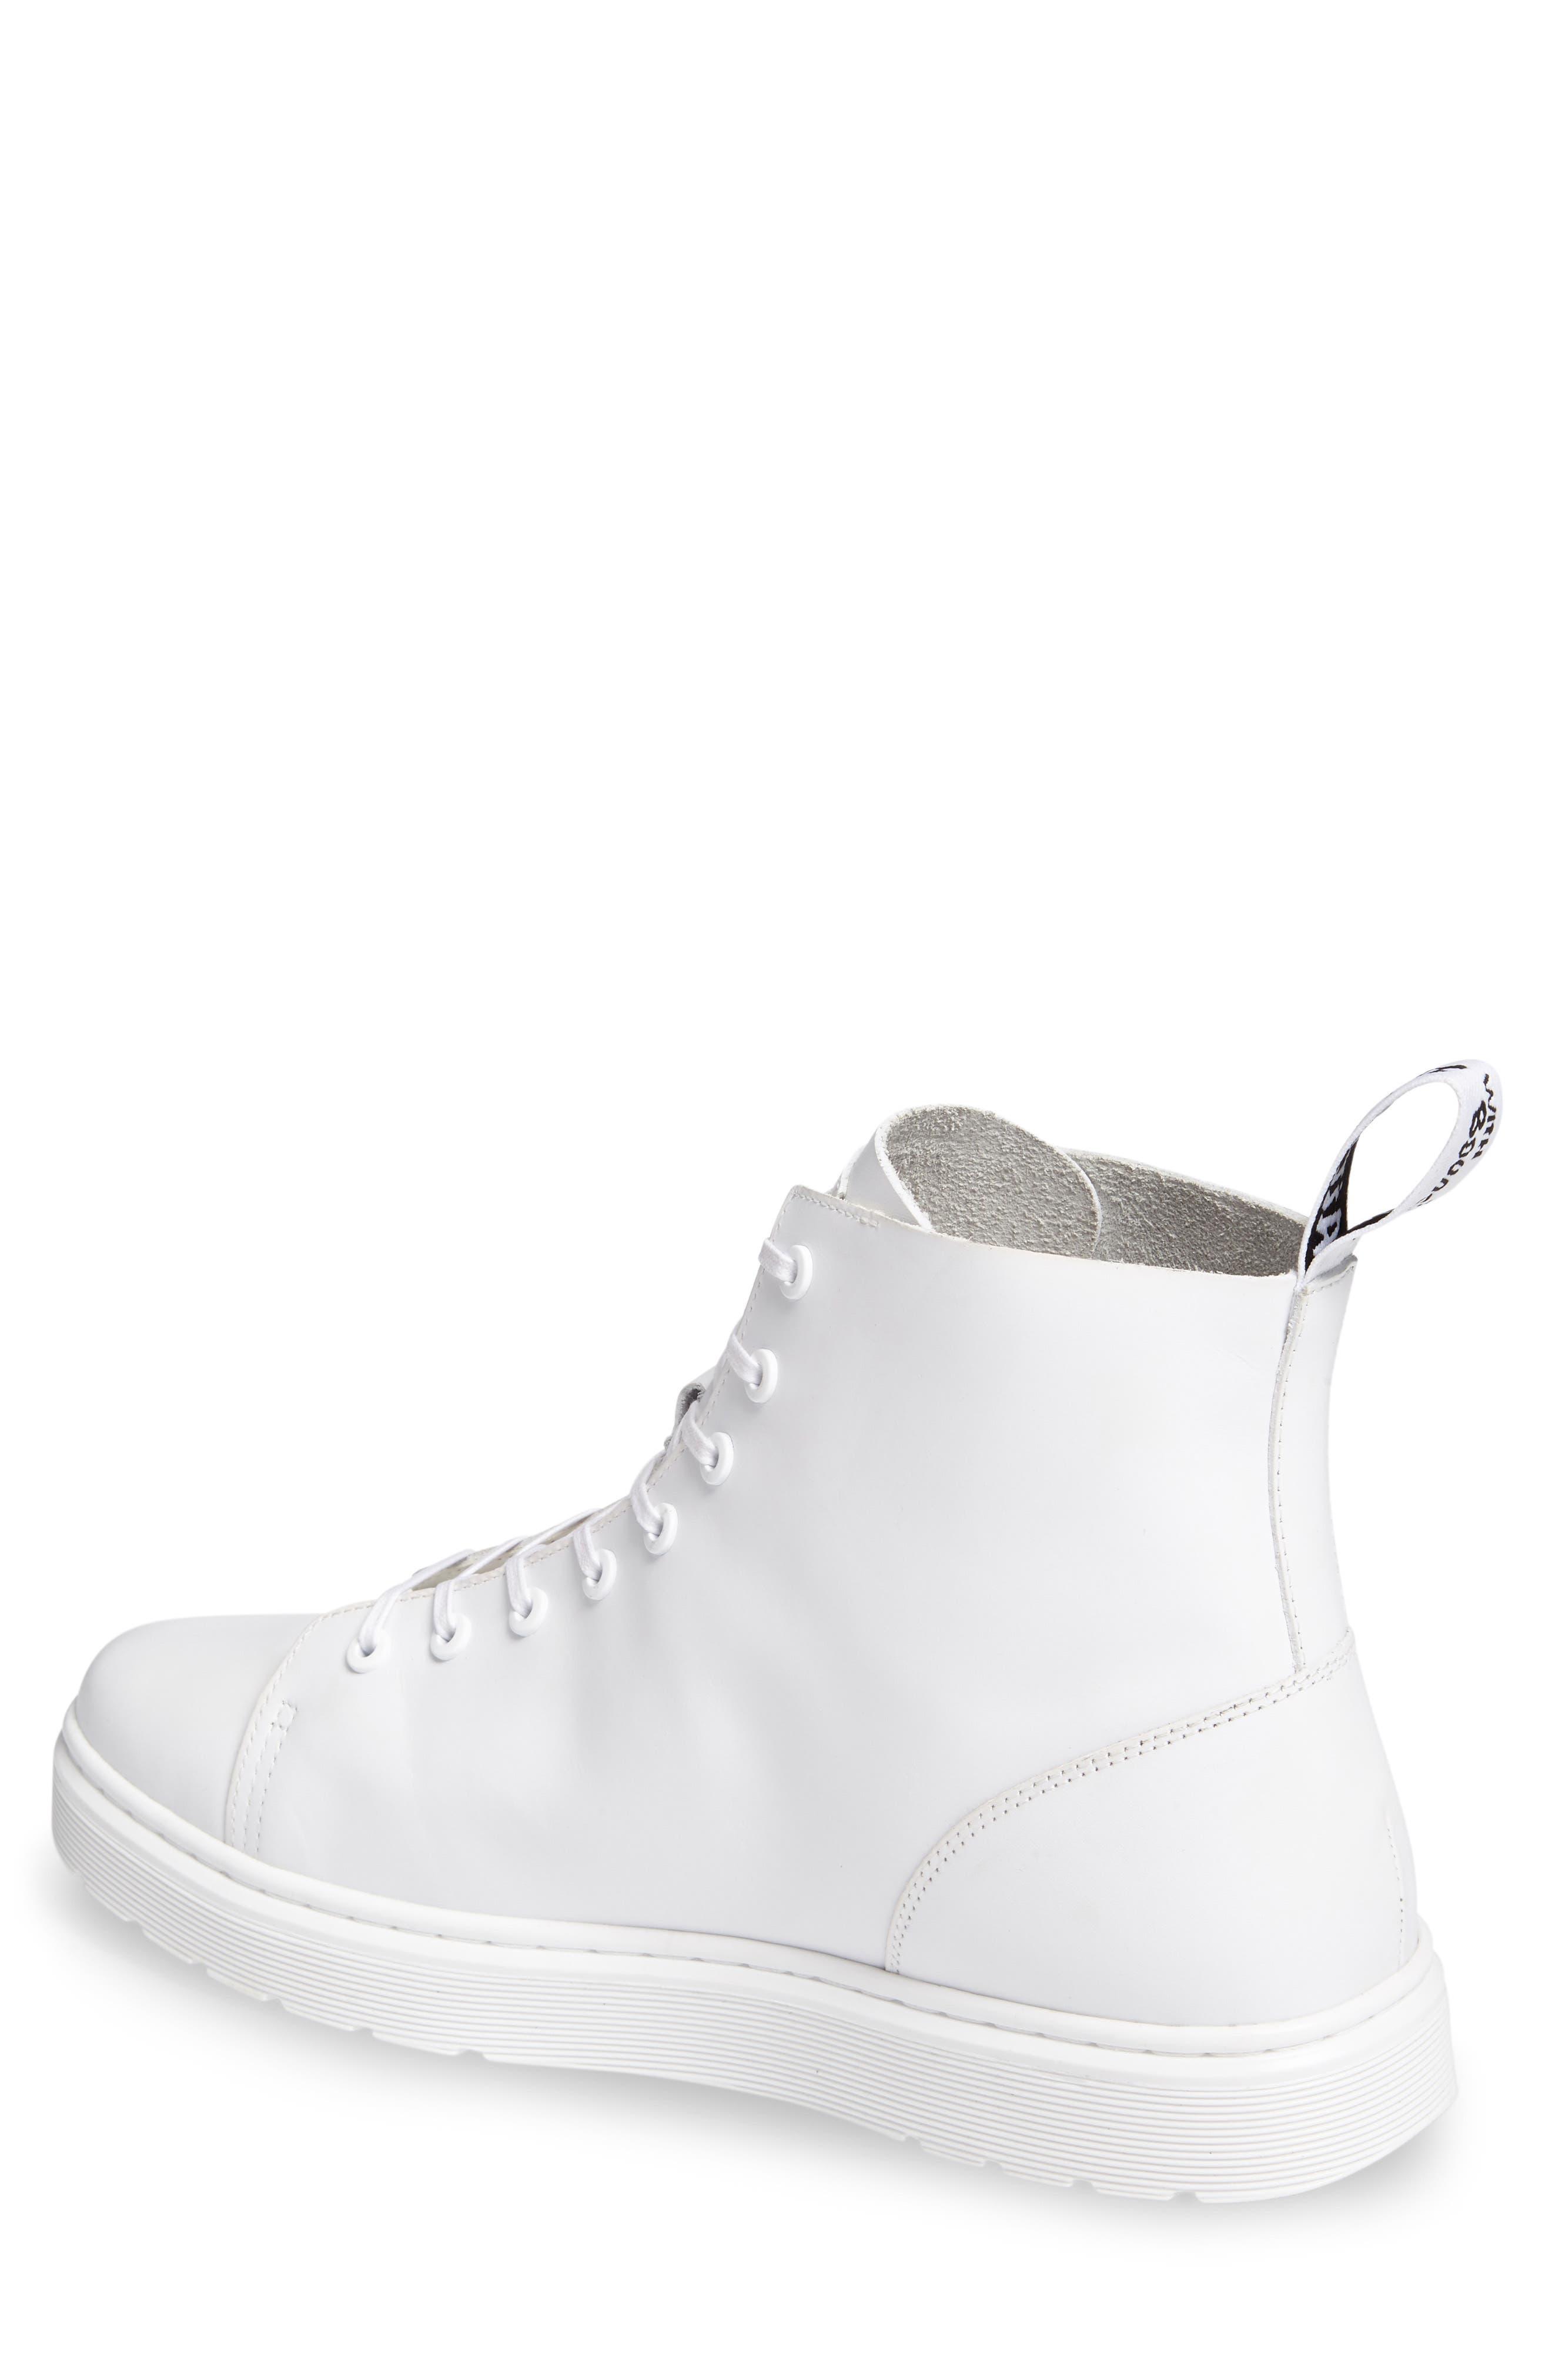 Talib Plain Toe Boot,                             Alternate thumbnail 2, color,                             White Leather